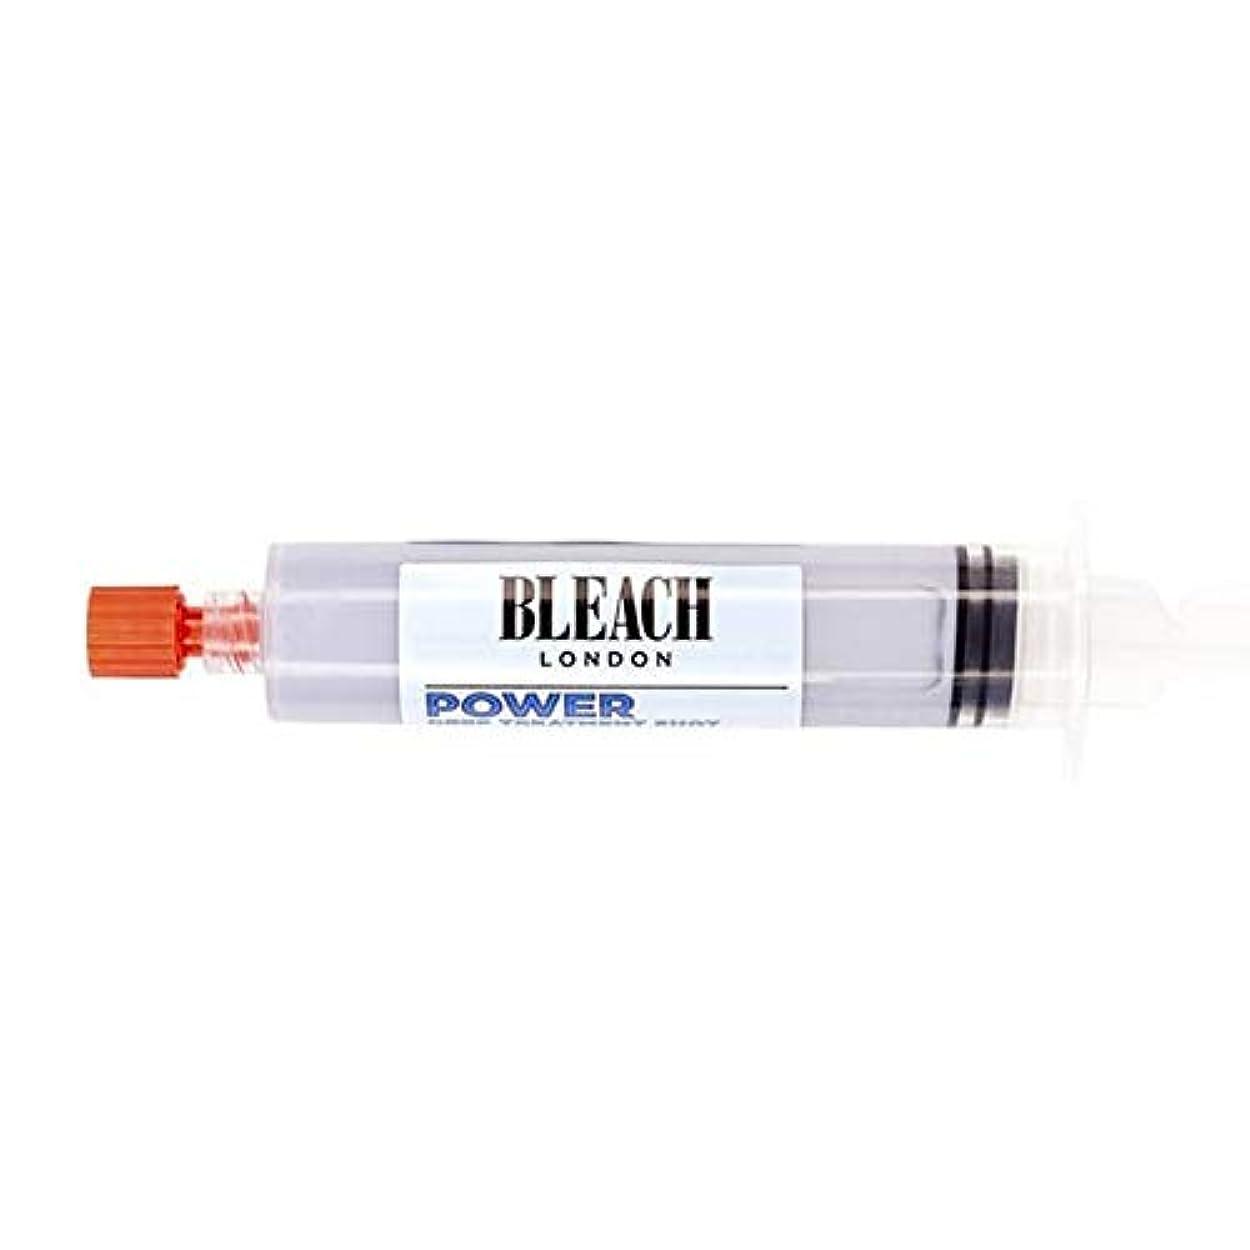 七面鳥直面する祈り[Bleach London ] 漂白ロンドン治療ショット - ディープパワー - Bleach London Treatment Shot - Power Deep [並行輸入品]